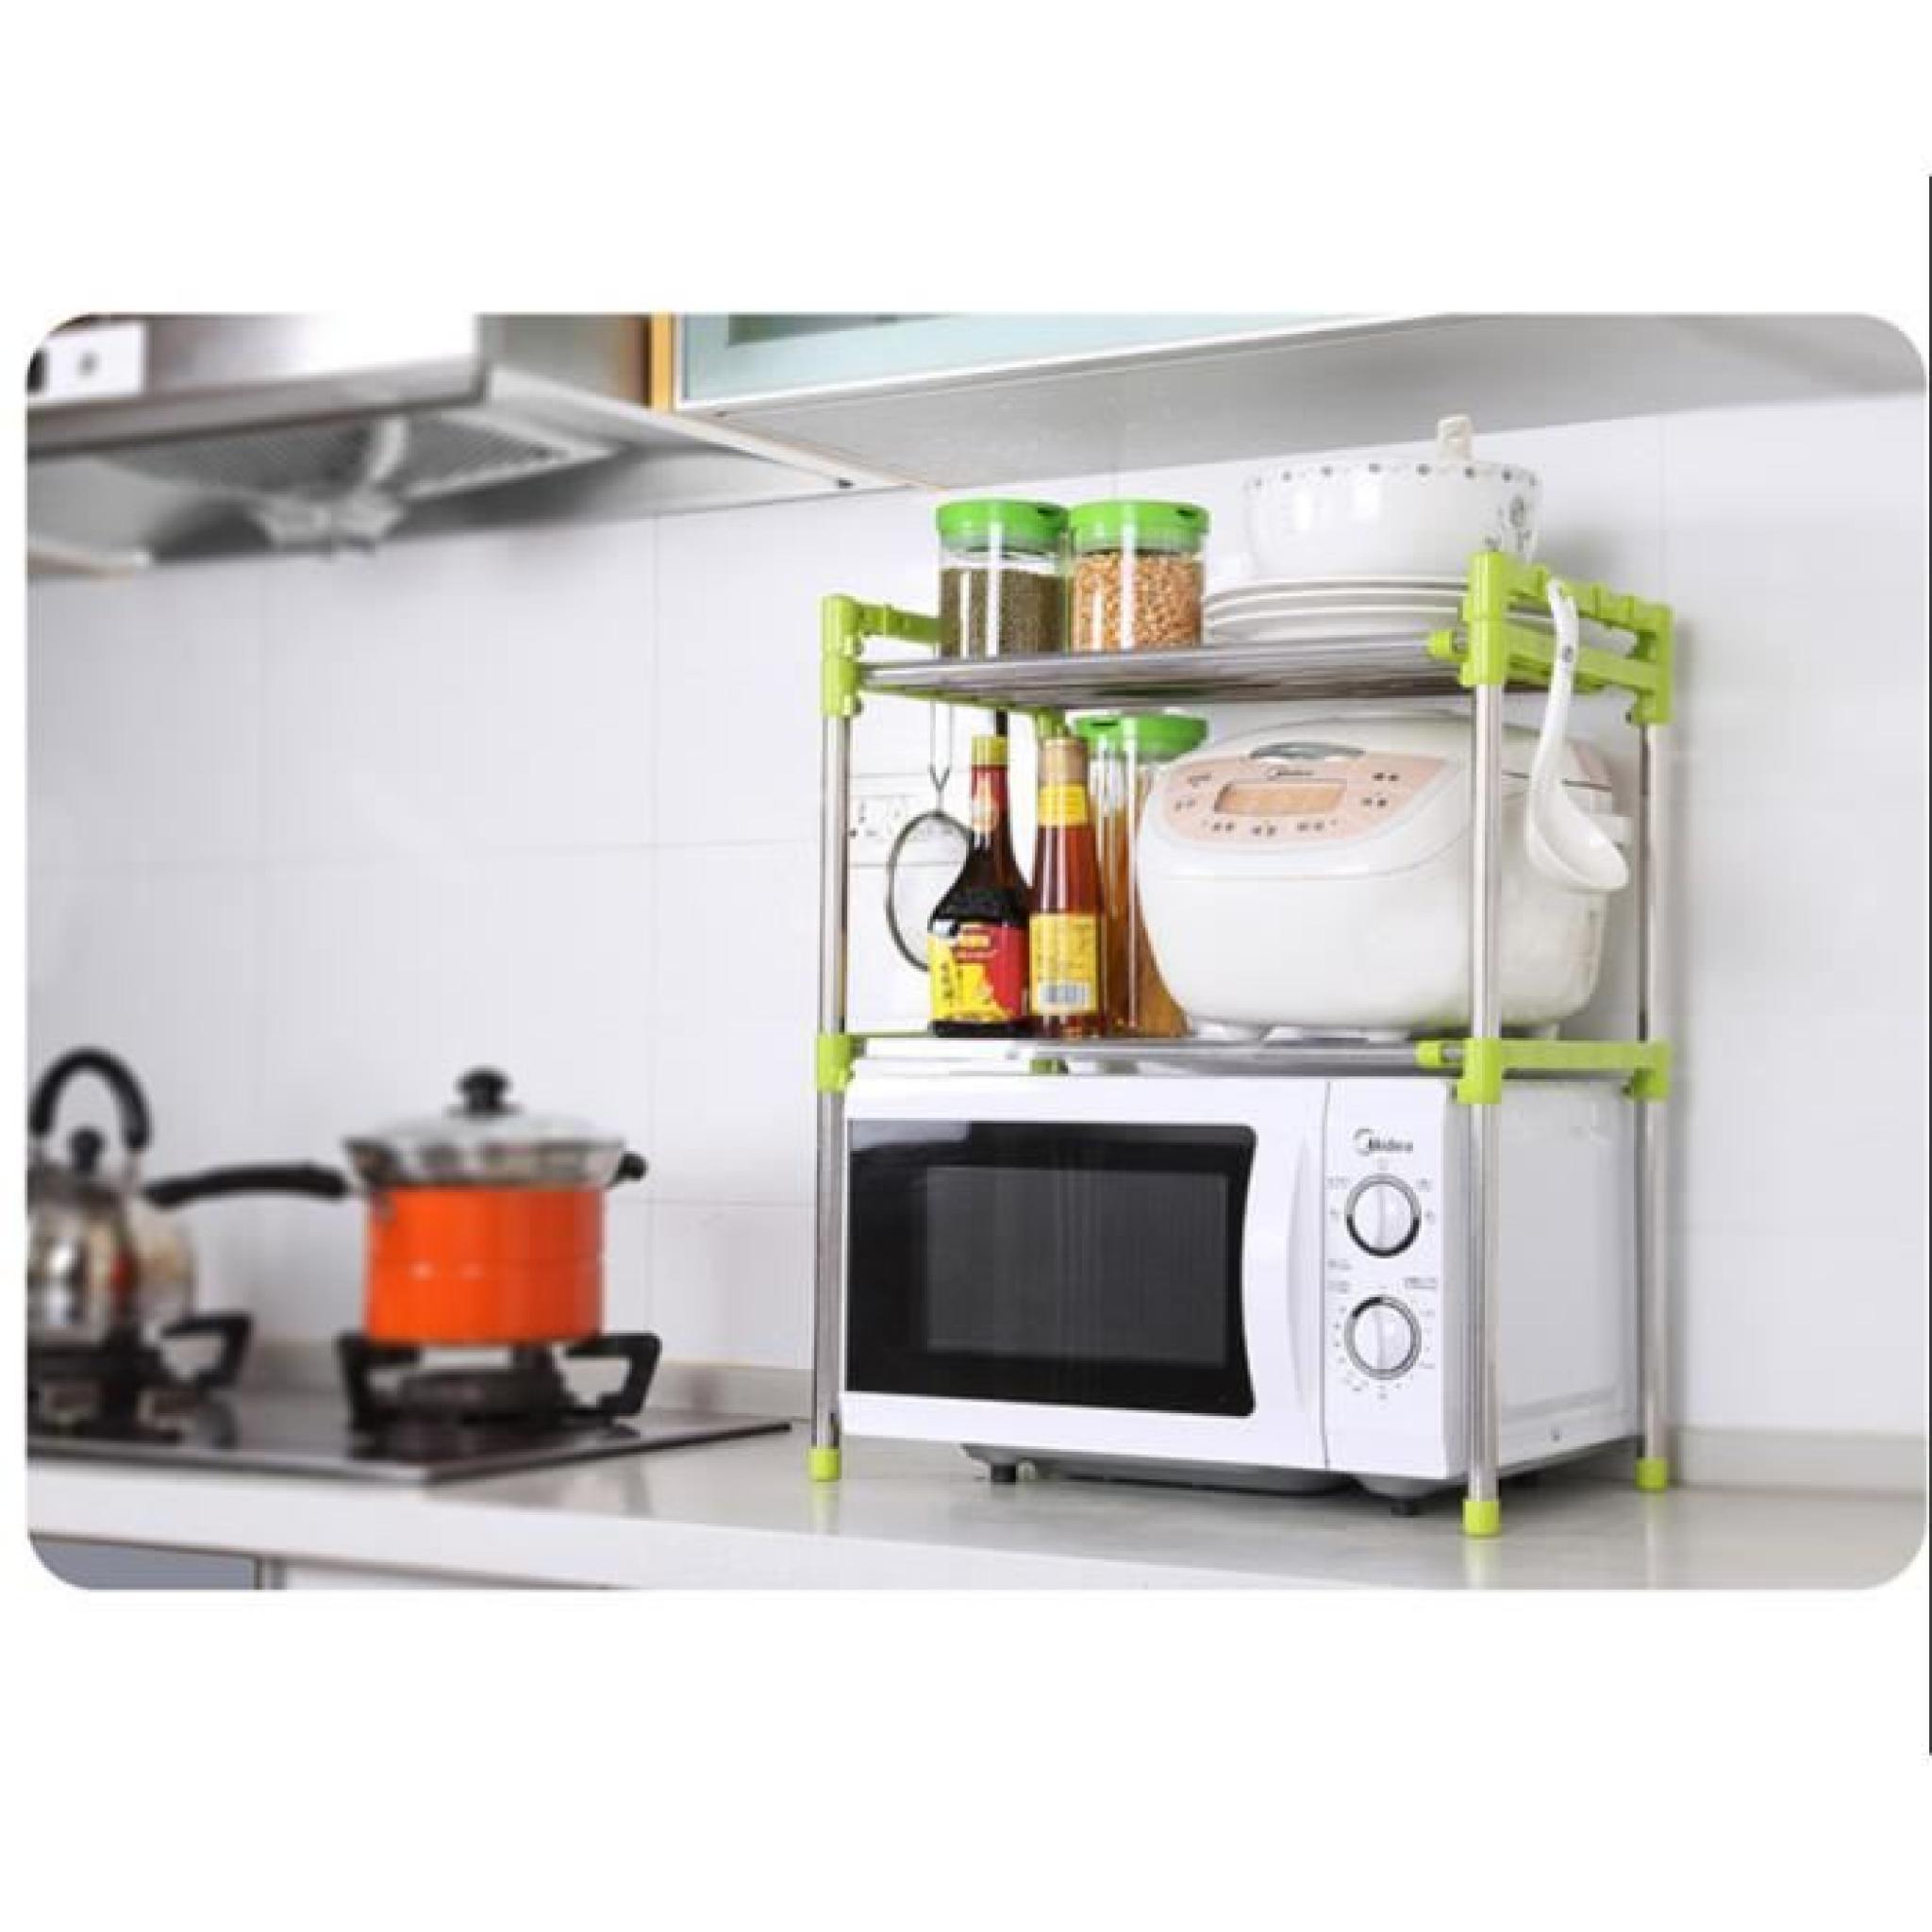 cuisine tag re t lescopique four micro ondes micro ondes plateau de stockage de grille du four. Black Bedroom Furniture Sets. Home Design Ideas